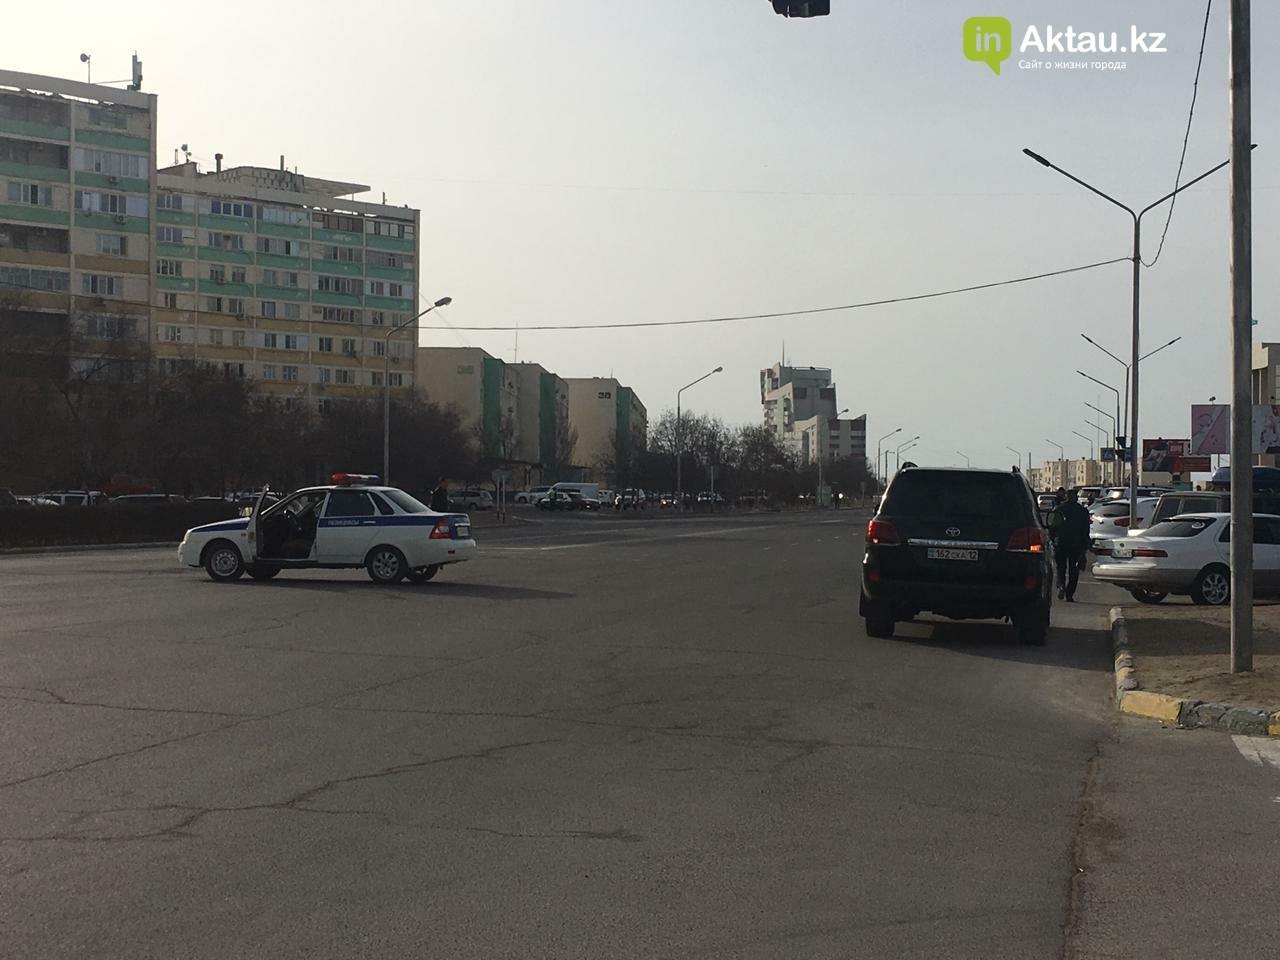 В Актау временно перекрыли дорогу возле ЦОНа между 13 и 15 микрорайонами, фото-1